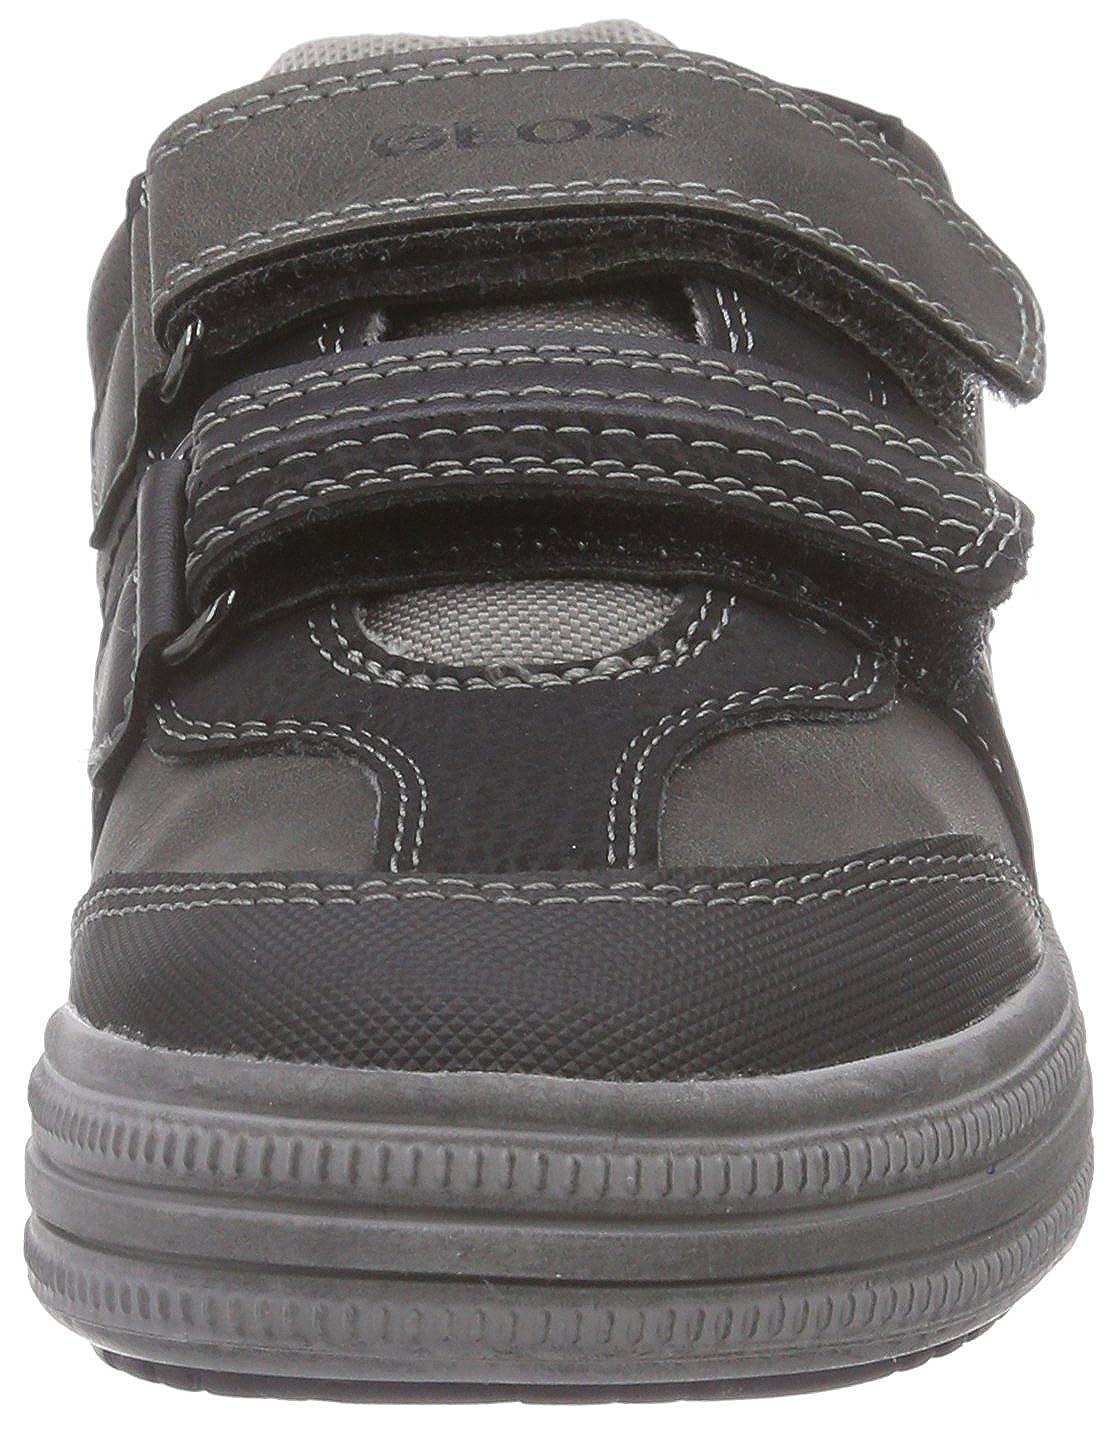 Geox J Elvis 26 Sneaker Toddler//Little Kid//Big Kid